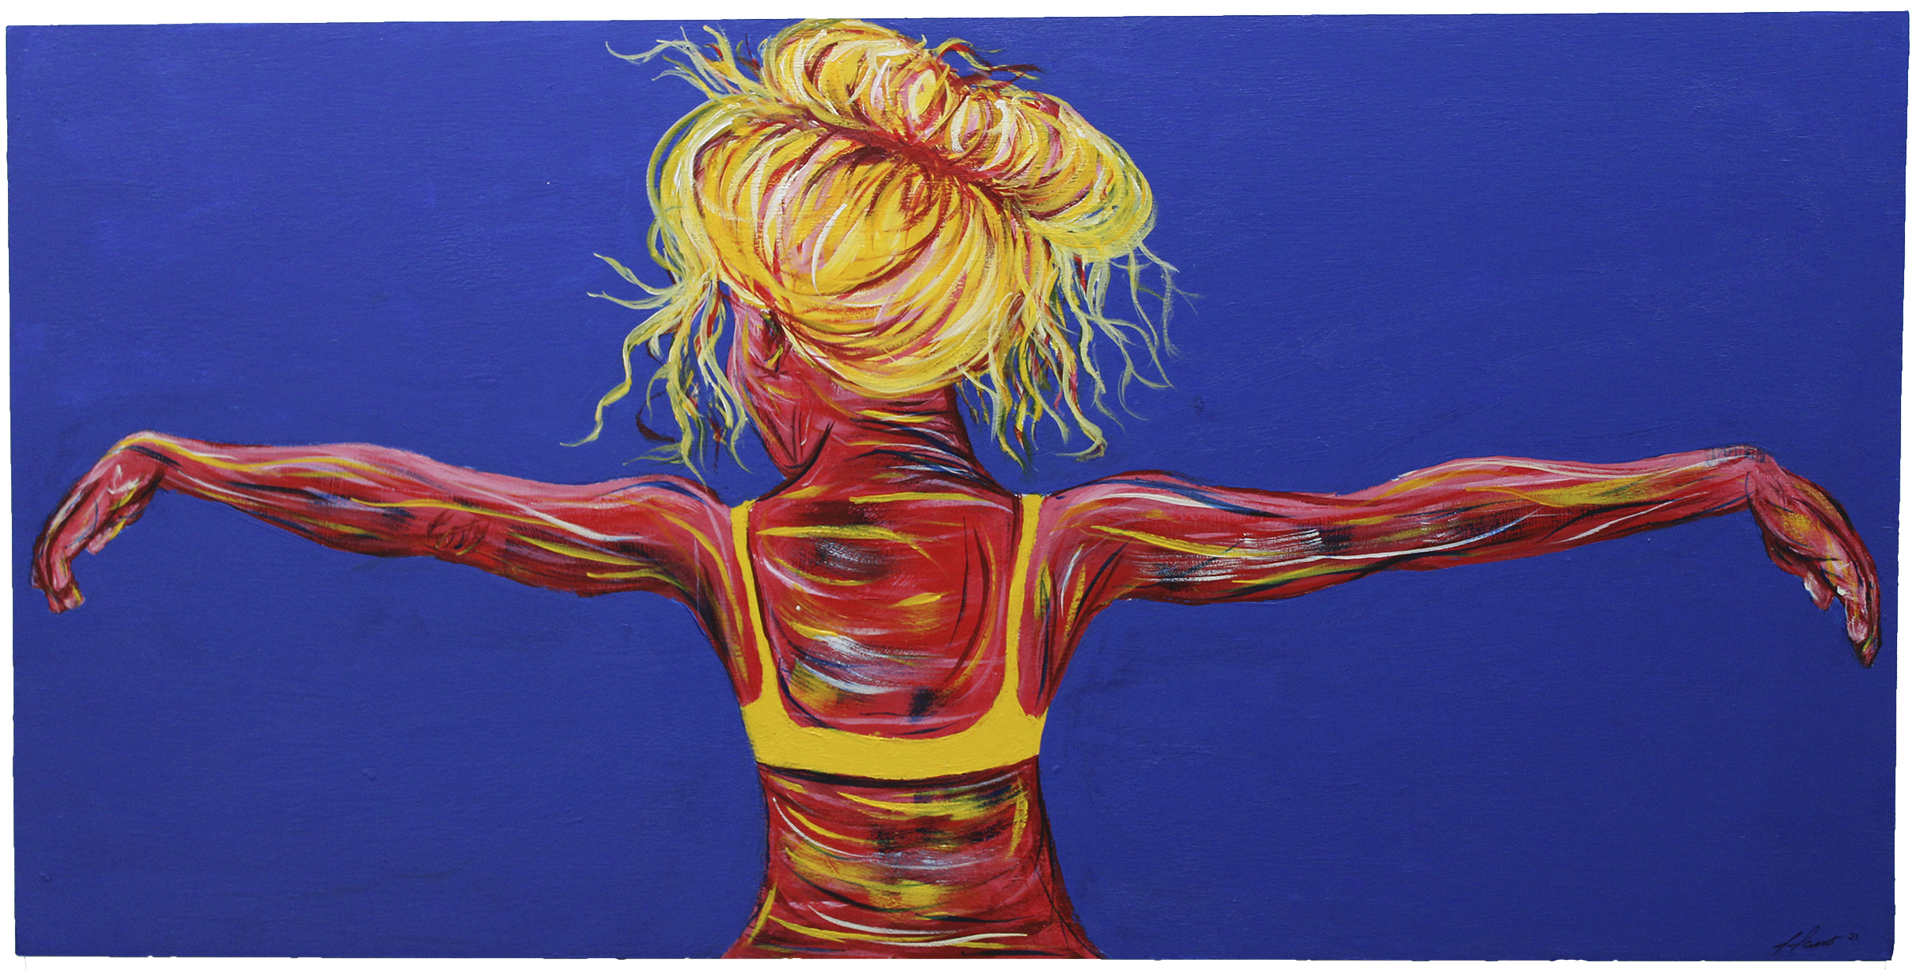 Recapturing Freedom 3 - acrylic paint